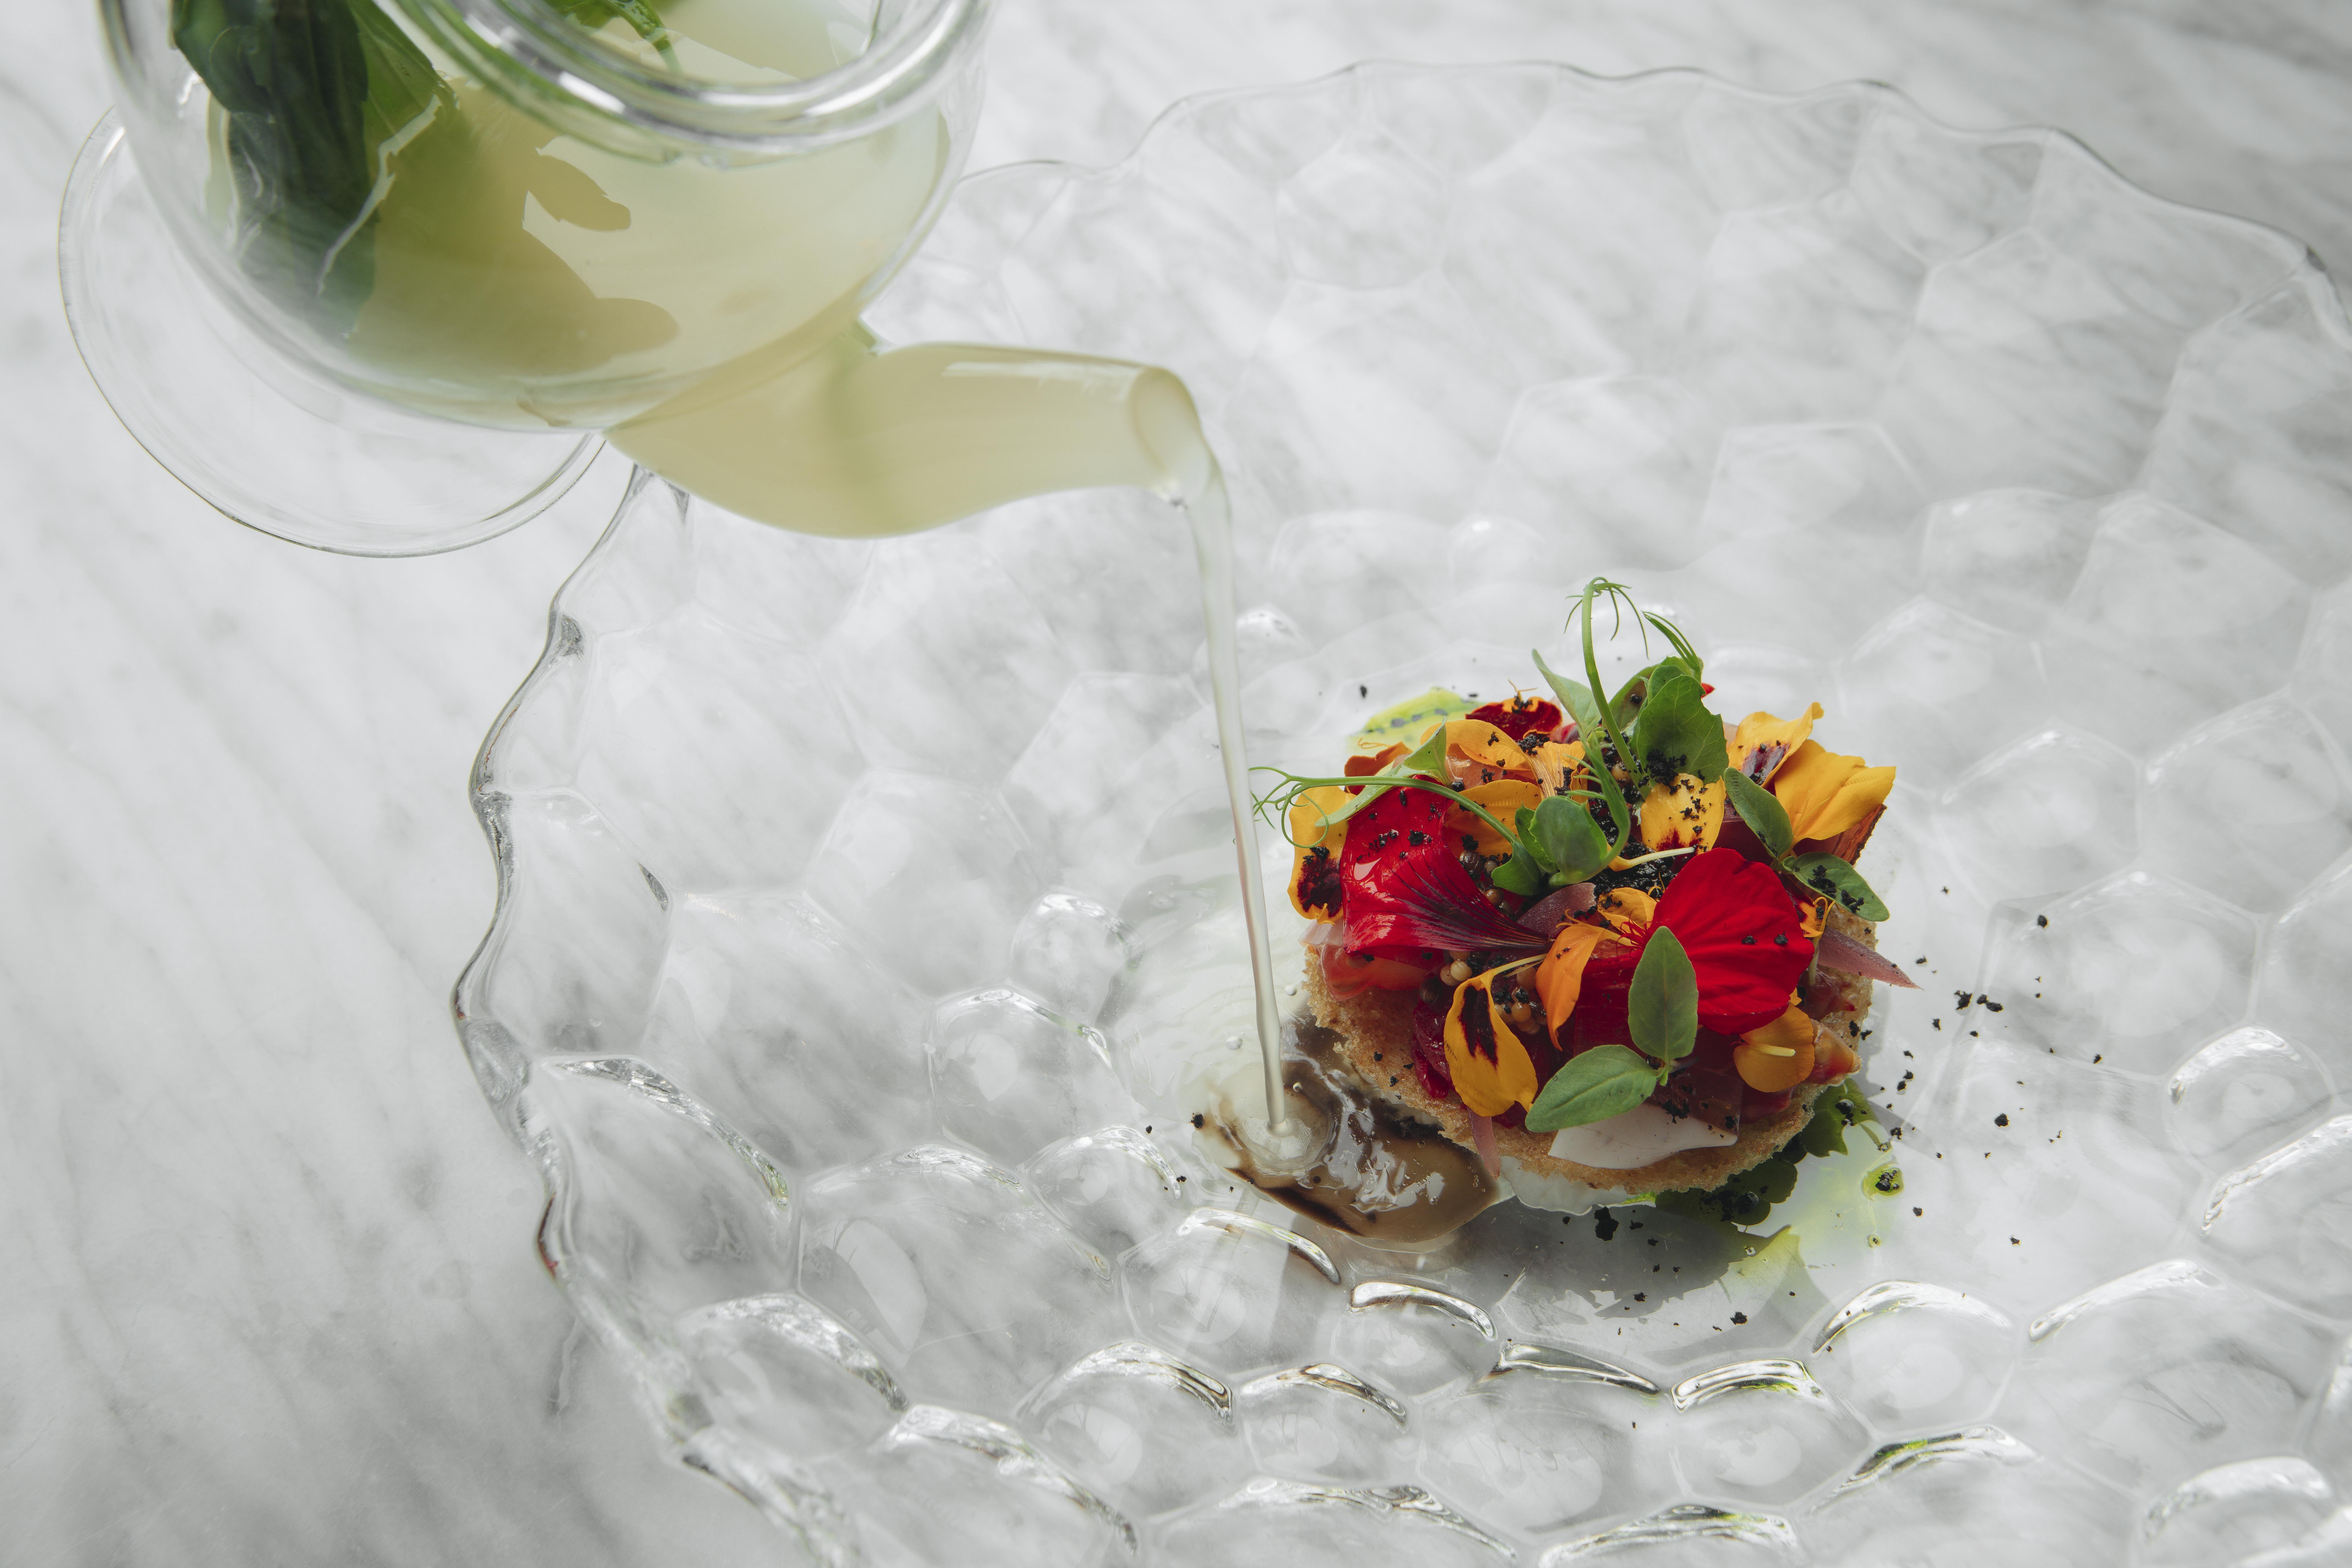 Água clara de tomate para a salada com pão velho, azeitona, manjericão e flores.